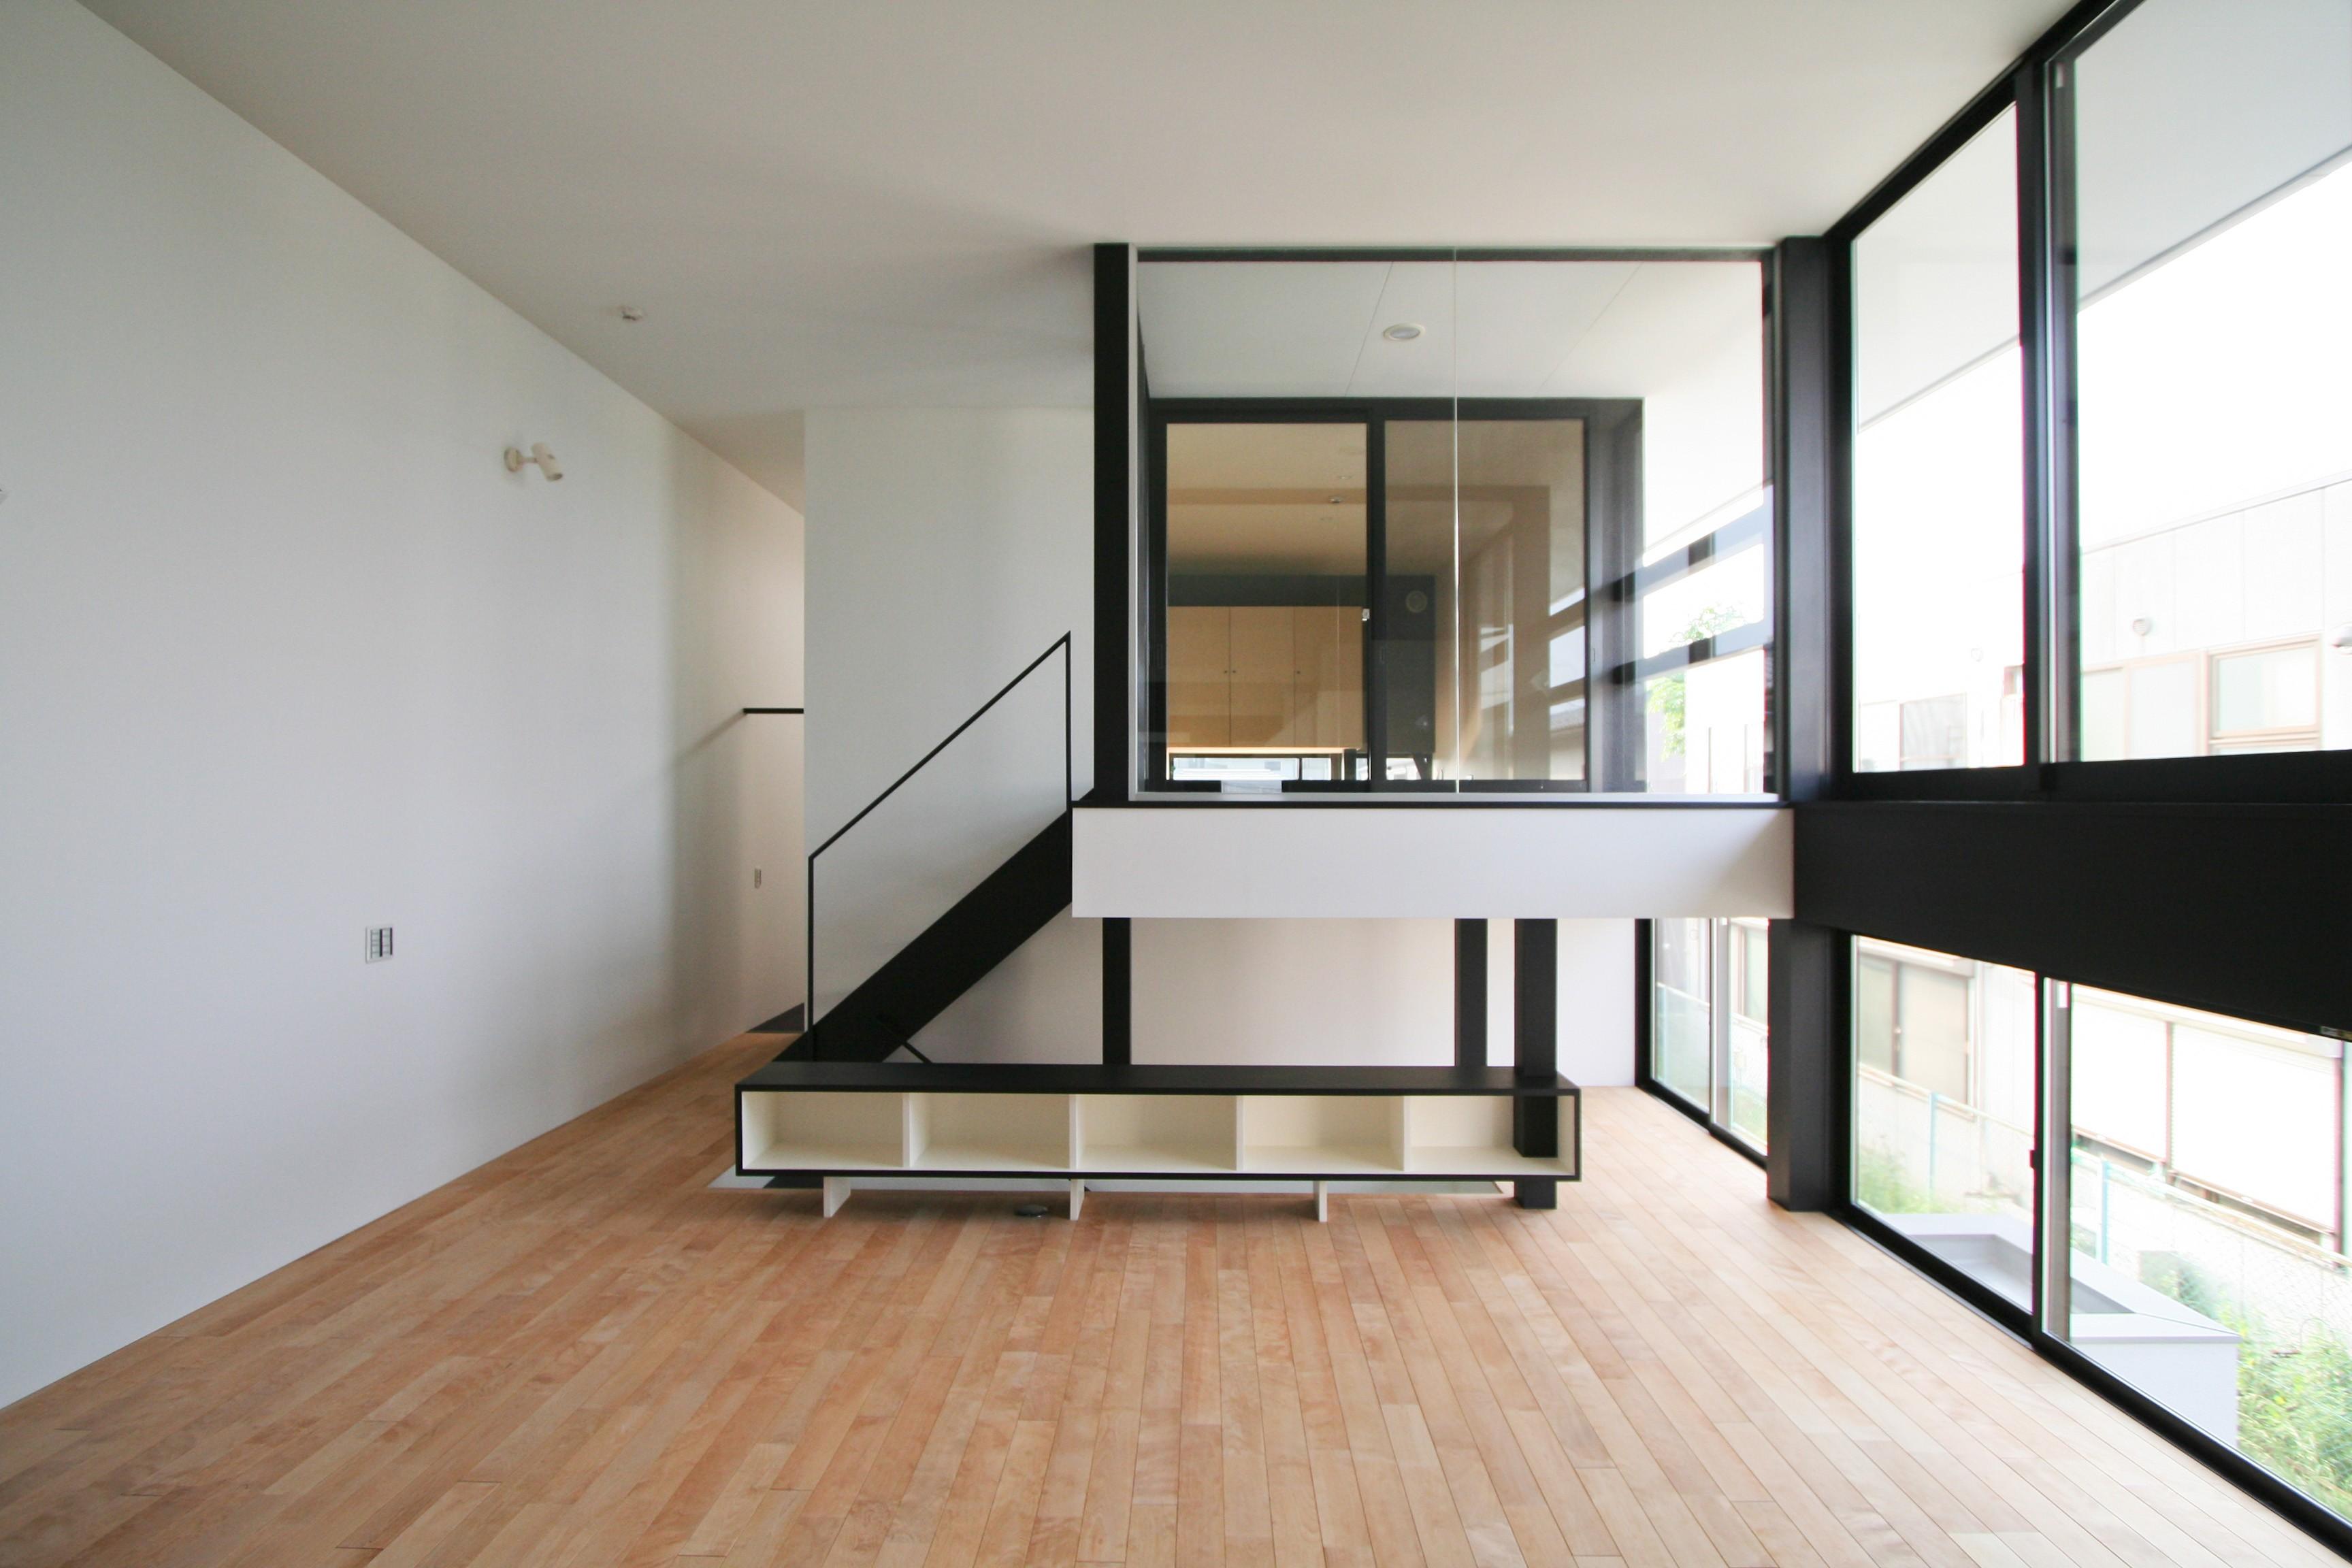 リビングダイニング事例:リビングの中に浮かぶインナーバルコニー(ミニマルデザインのハコ型の家)